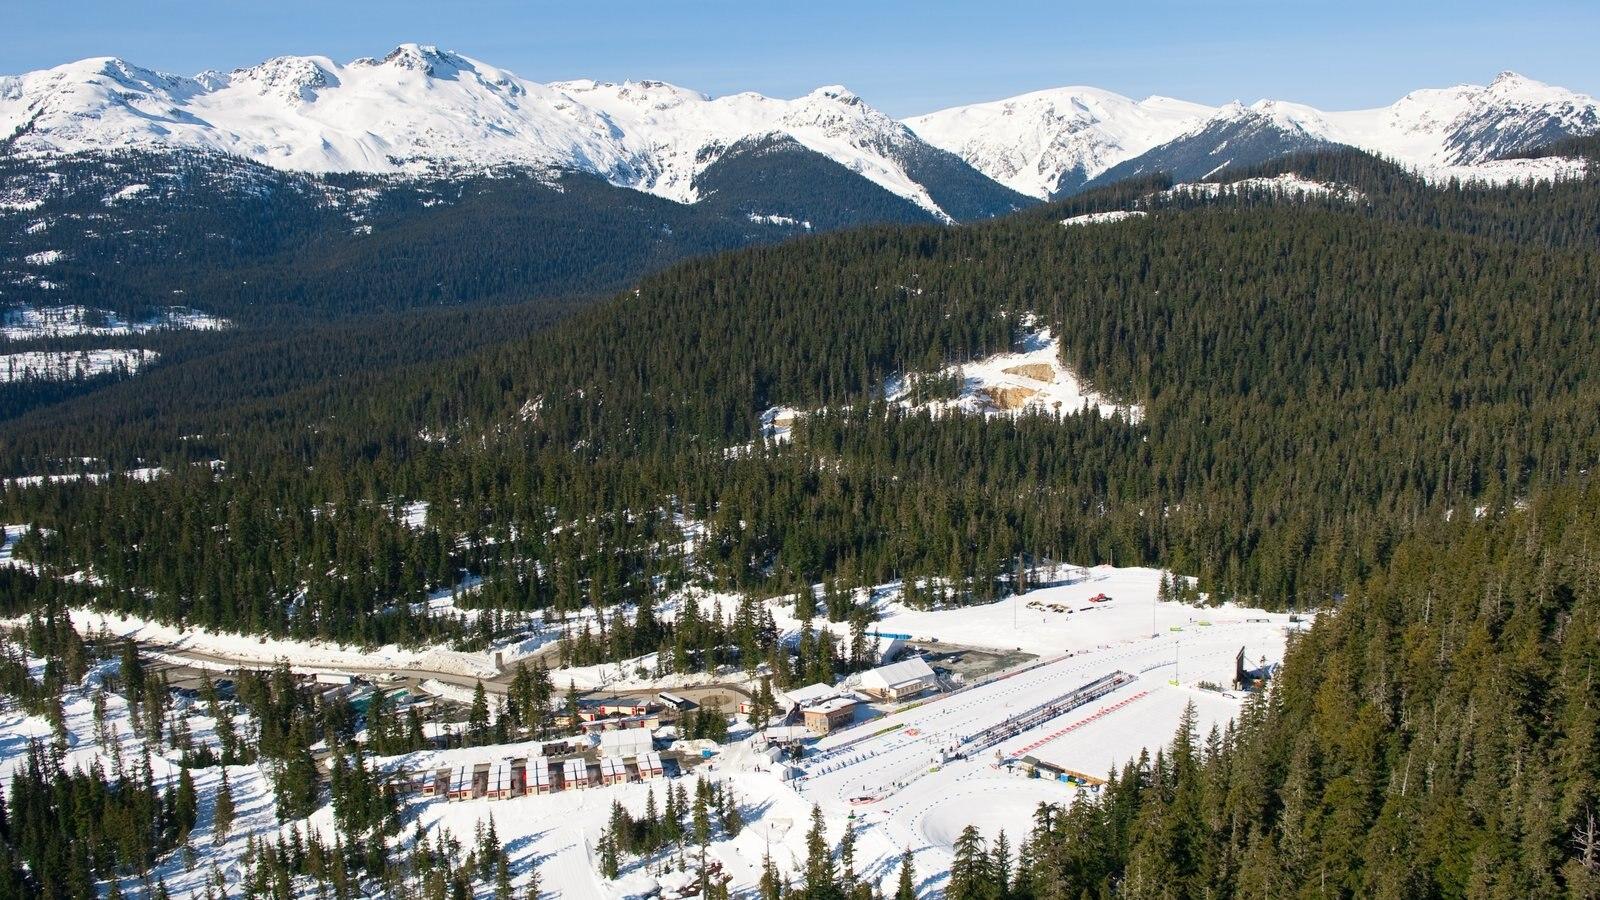 Whistler Olympic Park ofreciendo nieve, vistas de paisajes y montañas